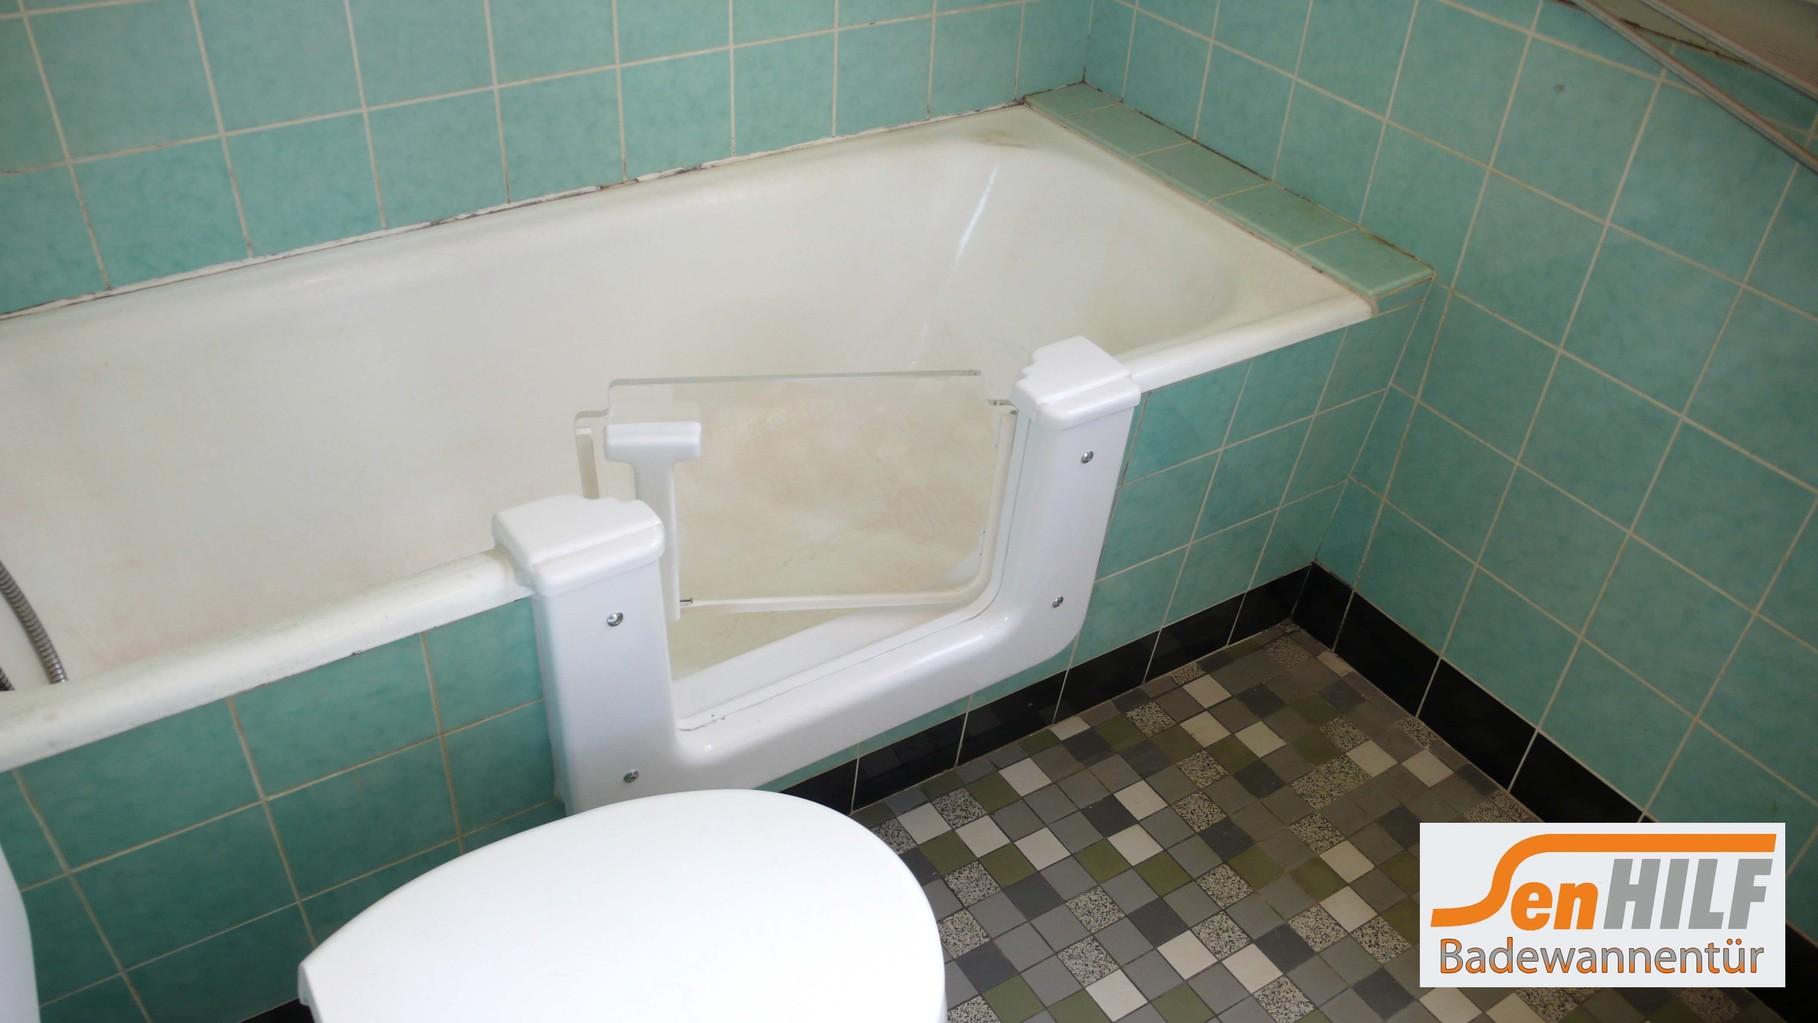 badewannent r nachtr glich einbauen eckventil waschmaschine. Black Bedroom Furniture Sets. Home Design Ideas